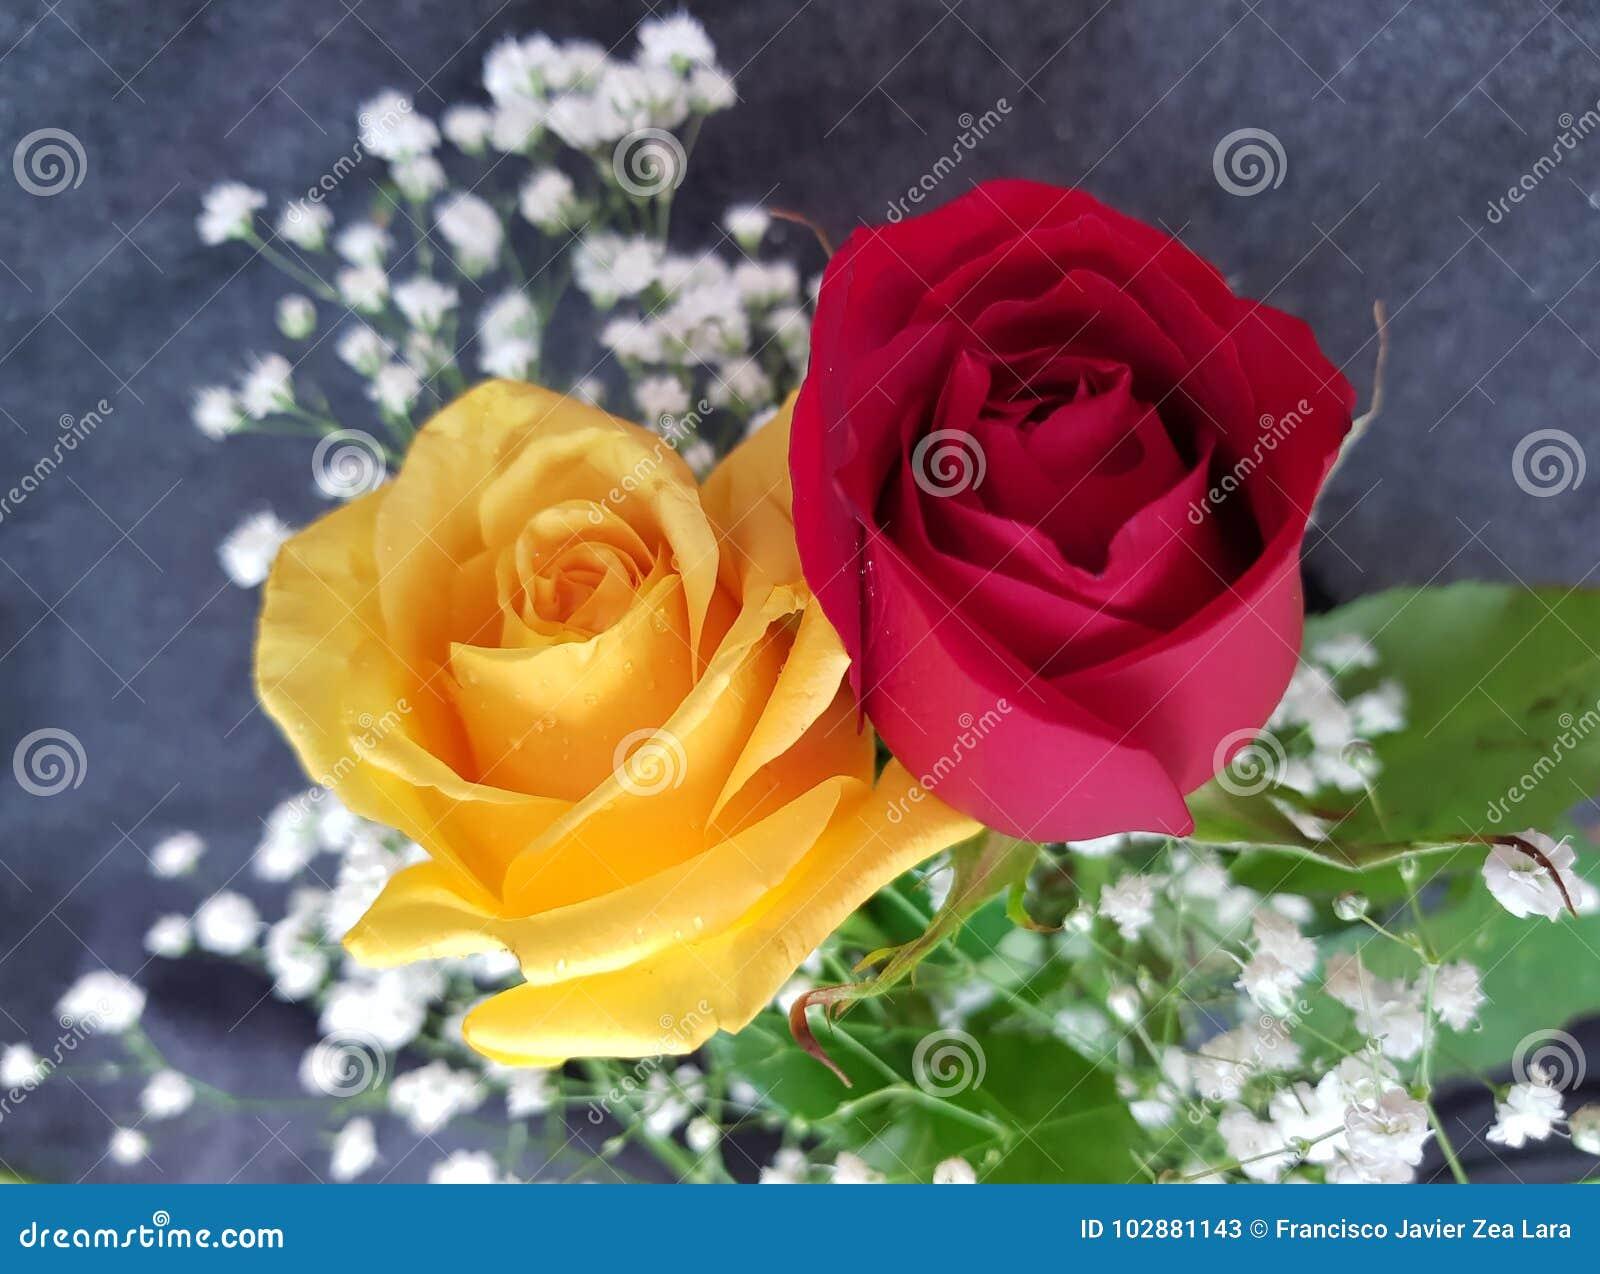 Rosas Amarelas E Vermelhas Imagem De Stock Imagem De Celebration